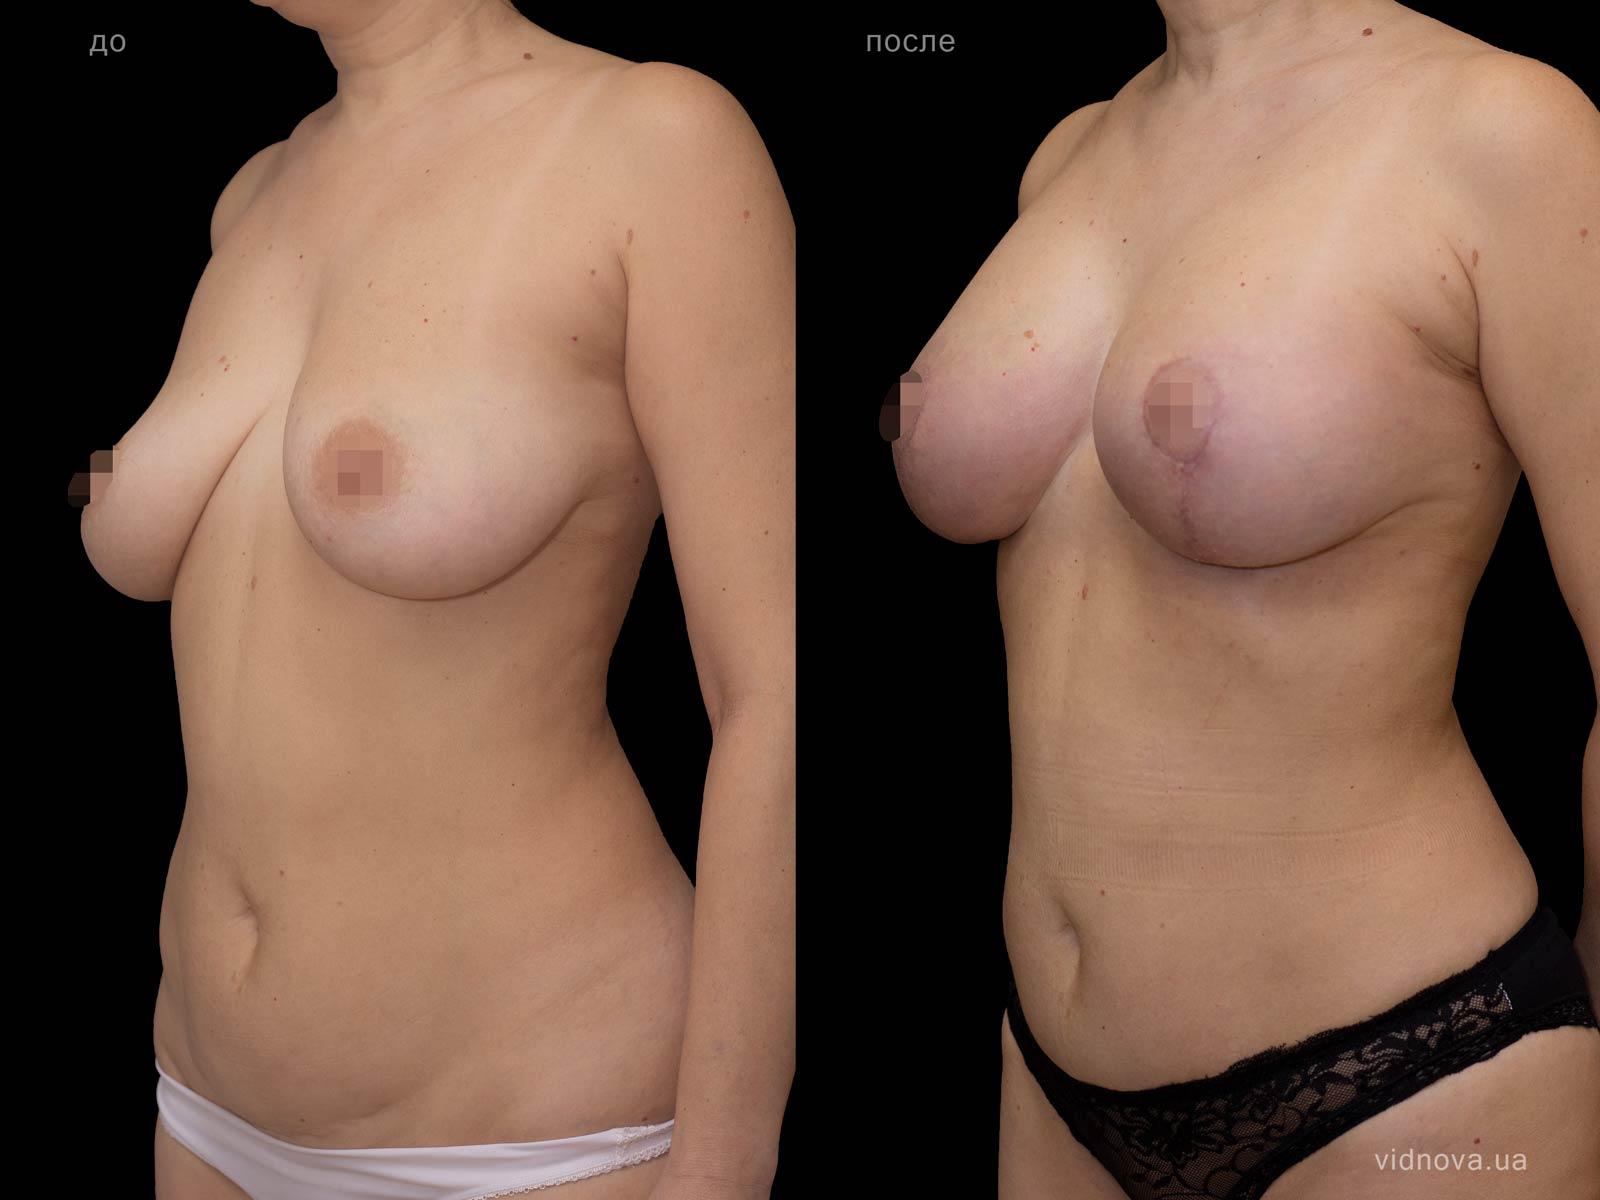 Пластика груди: результаты до и после - Пример №90-1 - Светлана Работенко